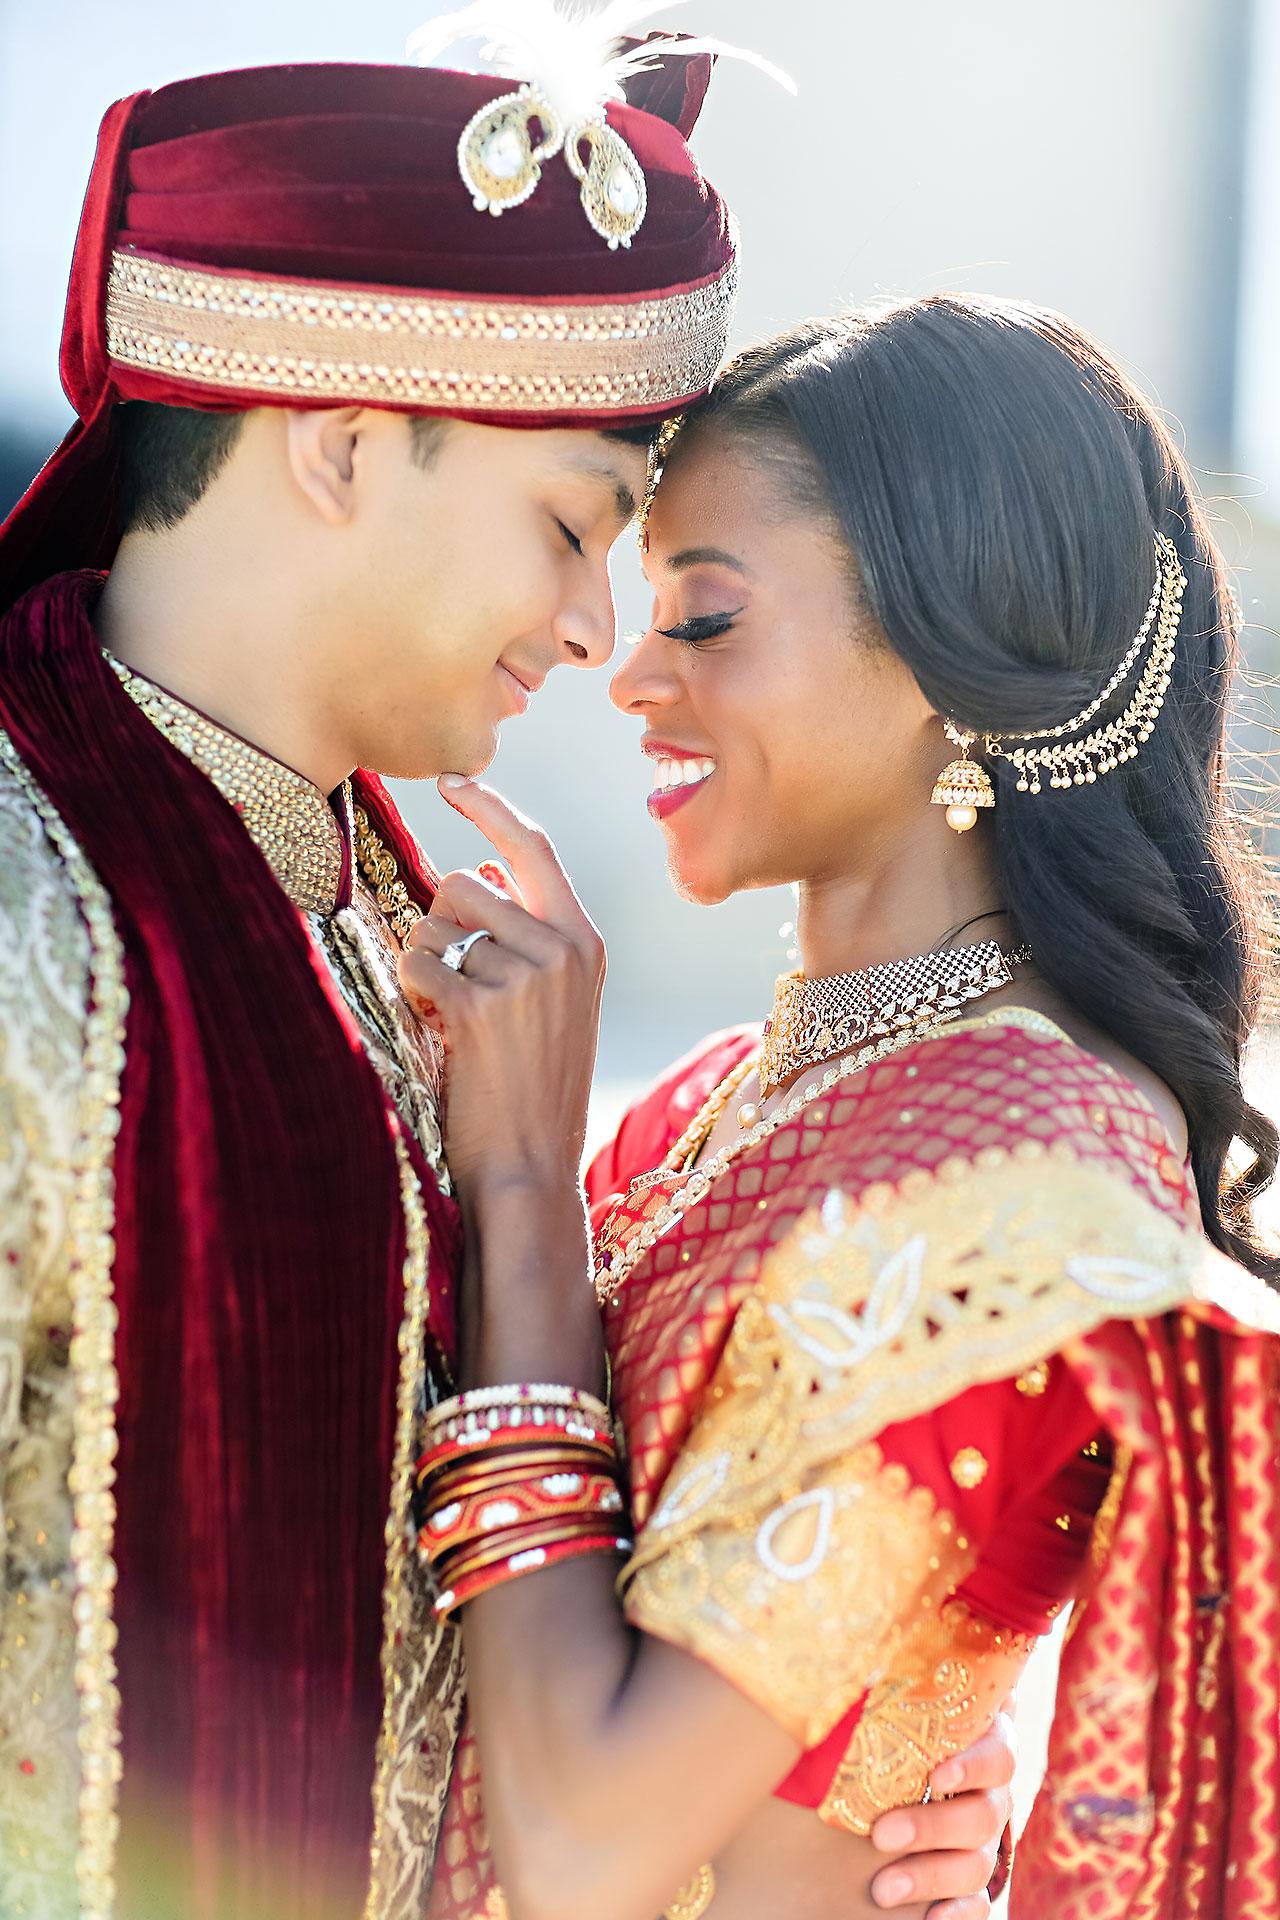 Joie Nikhil JW Marriott Indian Wedding 050